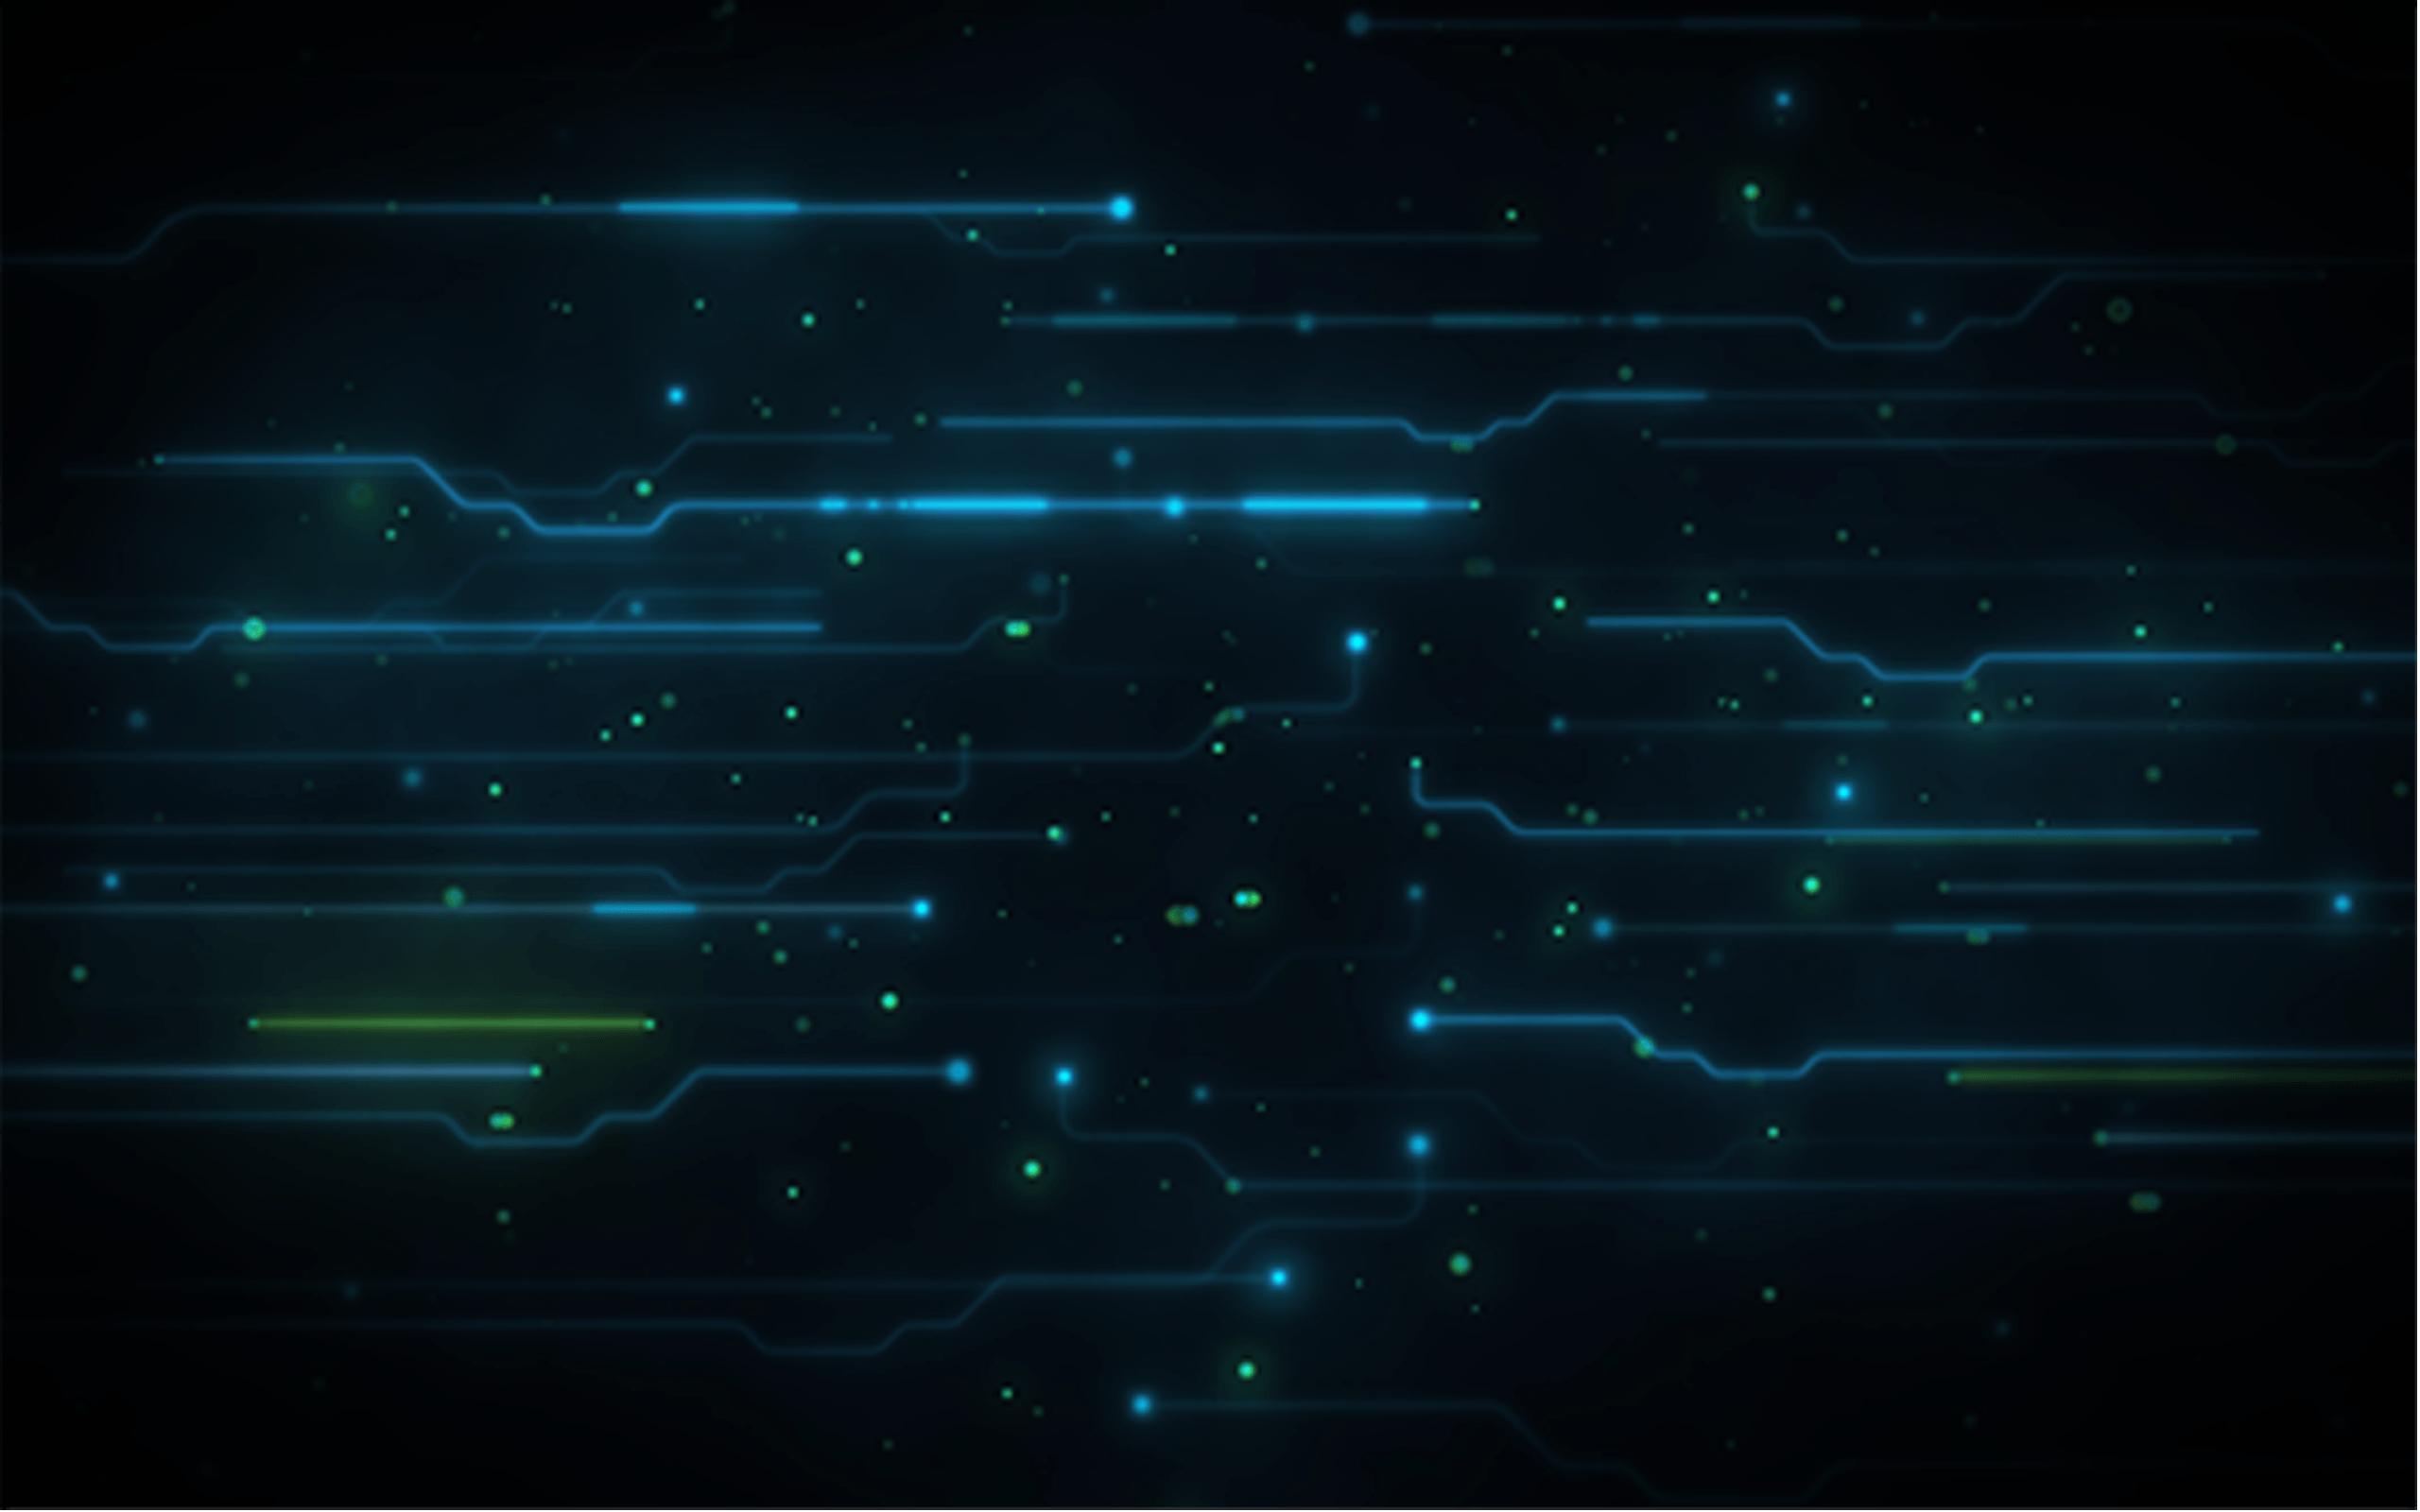 Tech Wallpapers   Top Tech Backgrounds   WallpaperAccess 2560x1600